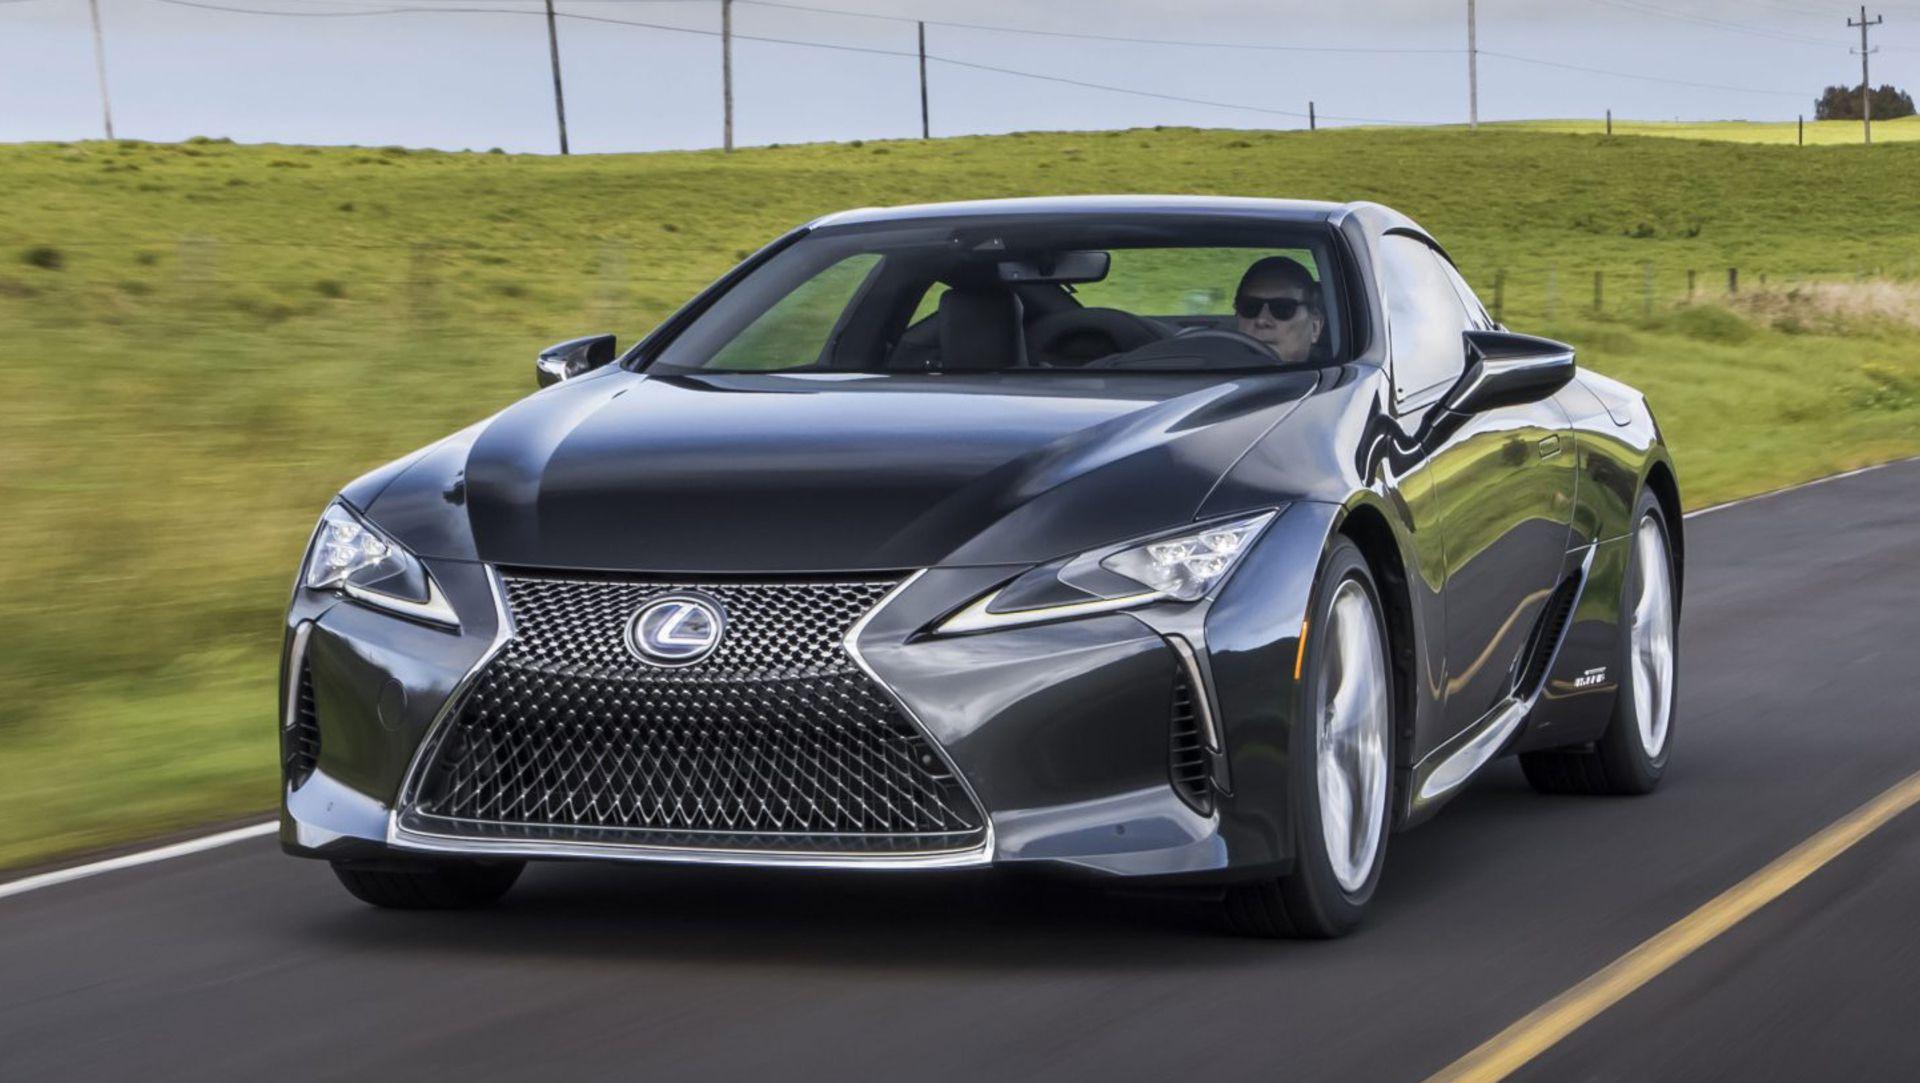 2021 lexus lc gets modest updates  auto moto  japan bullet